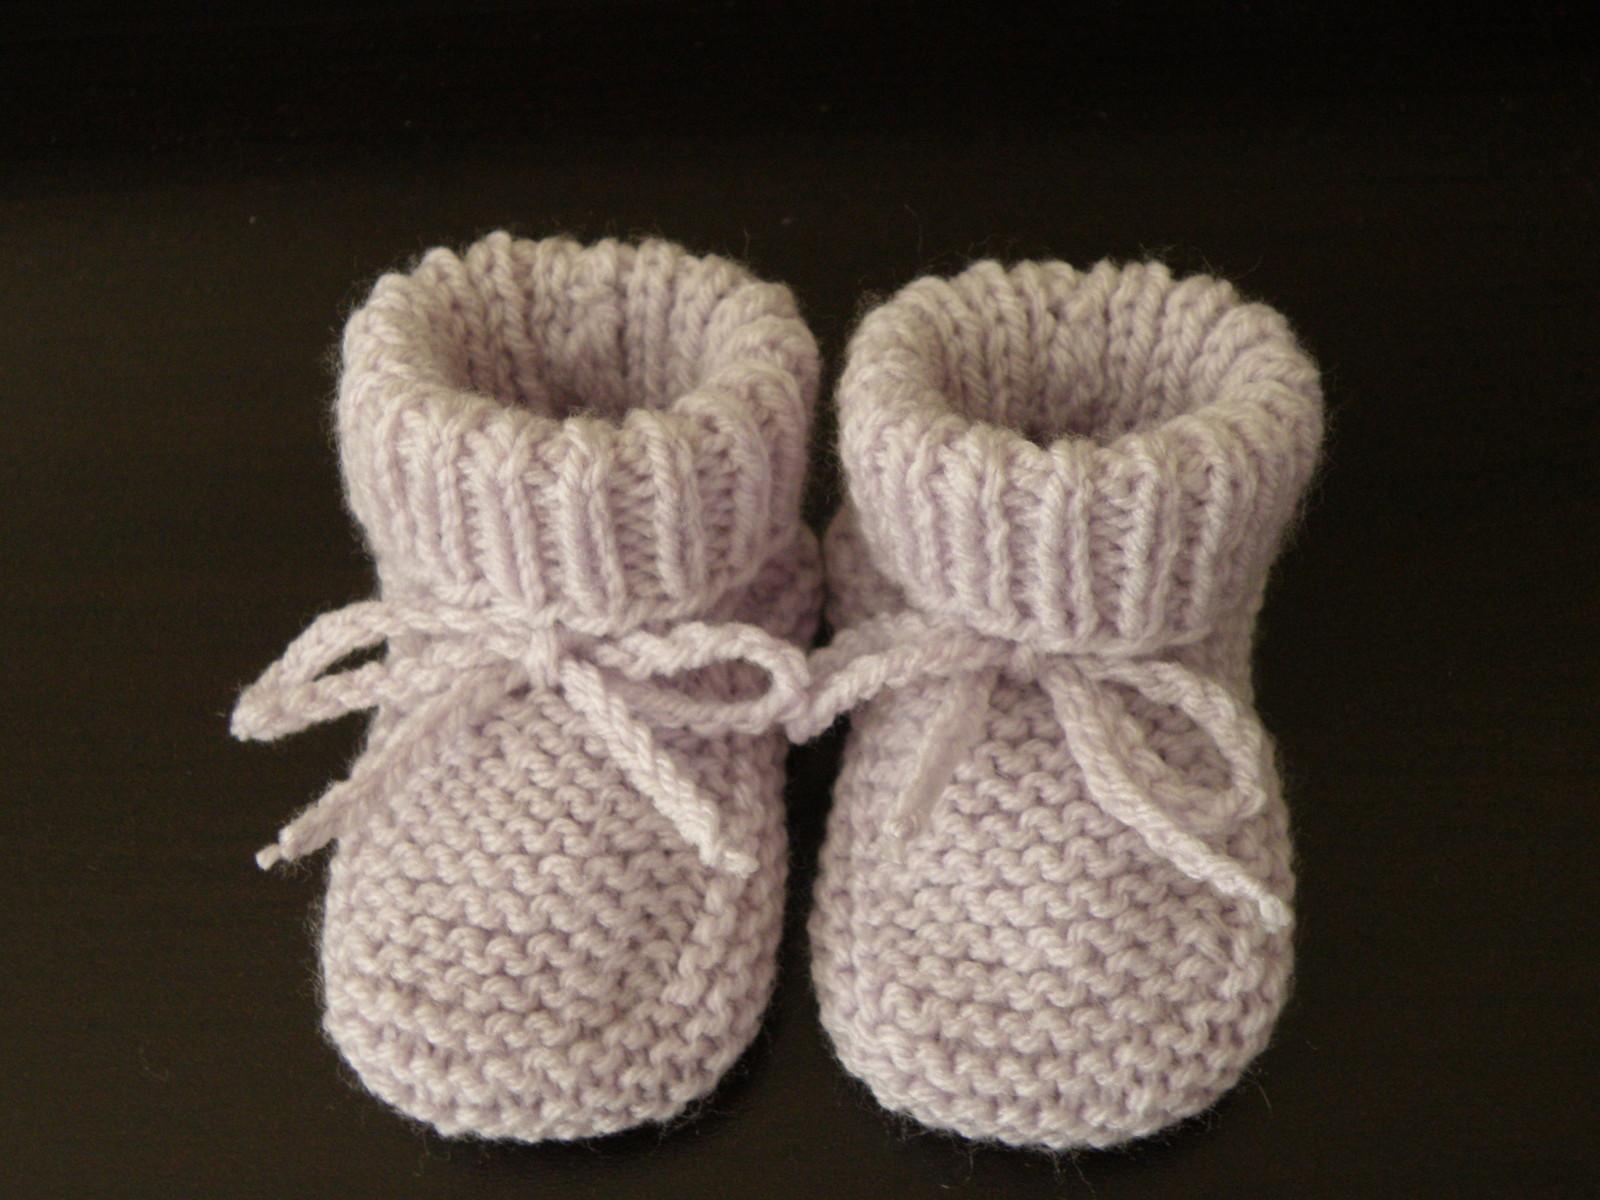 Mod le tricot chaussette aiguille circulaire - Aiguille a tricoter geante ...